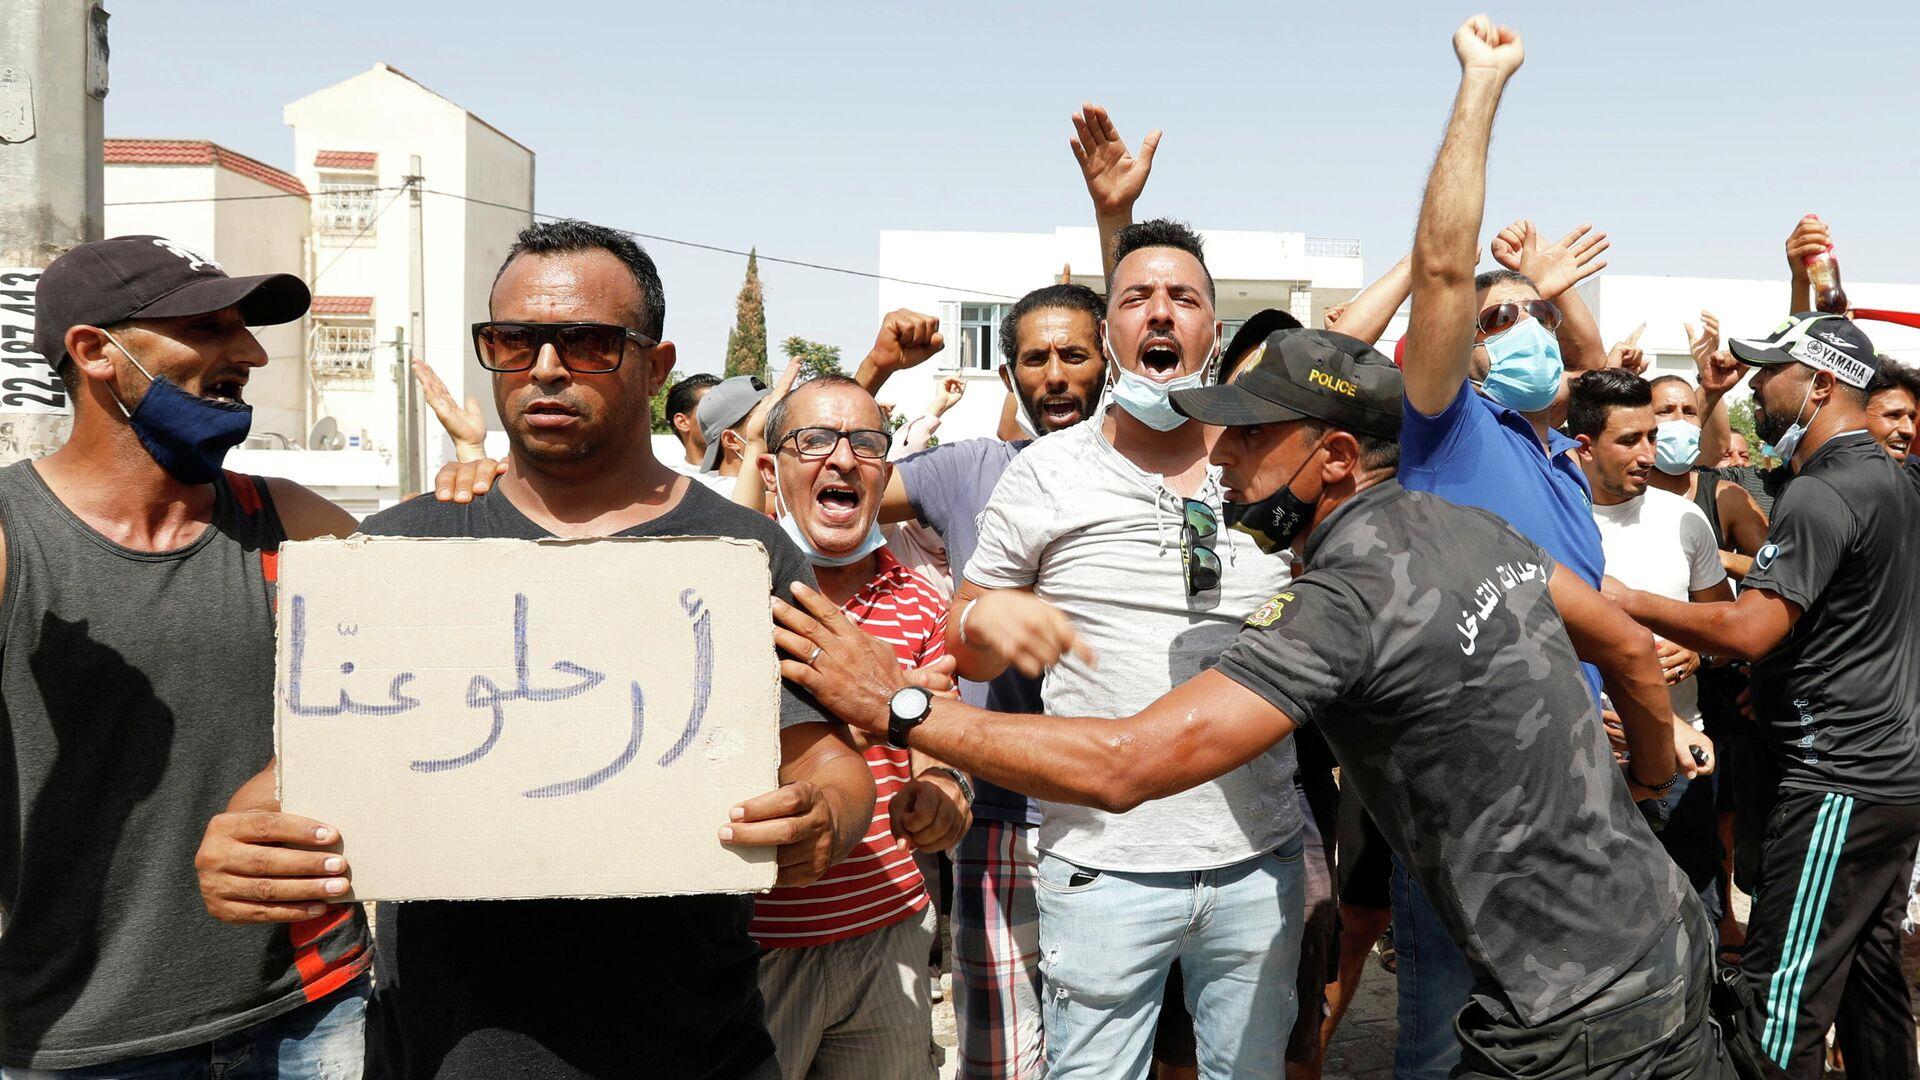 Участники акции протеста у здания парламента в Тунисе - РИА Новости, 1920, 26.07.2021